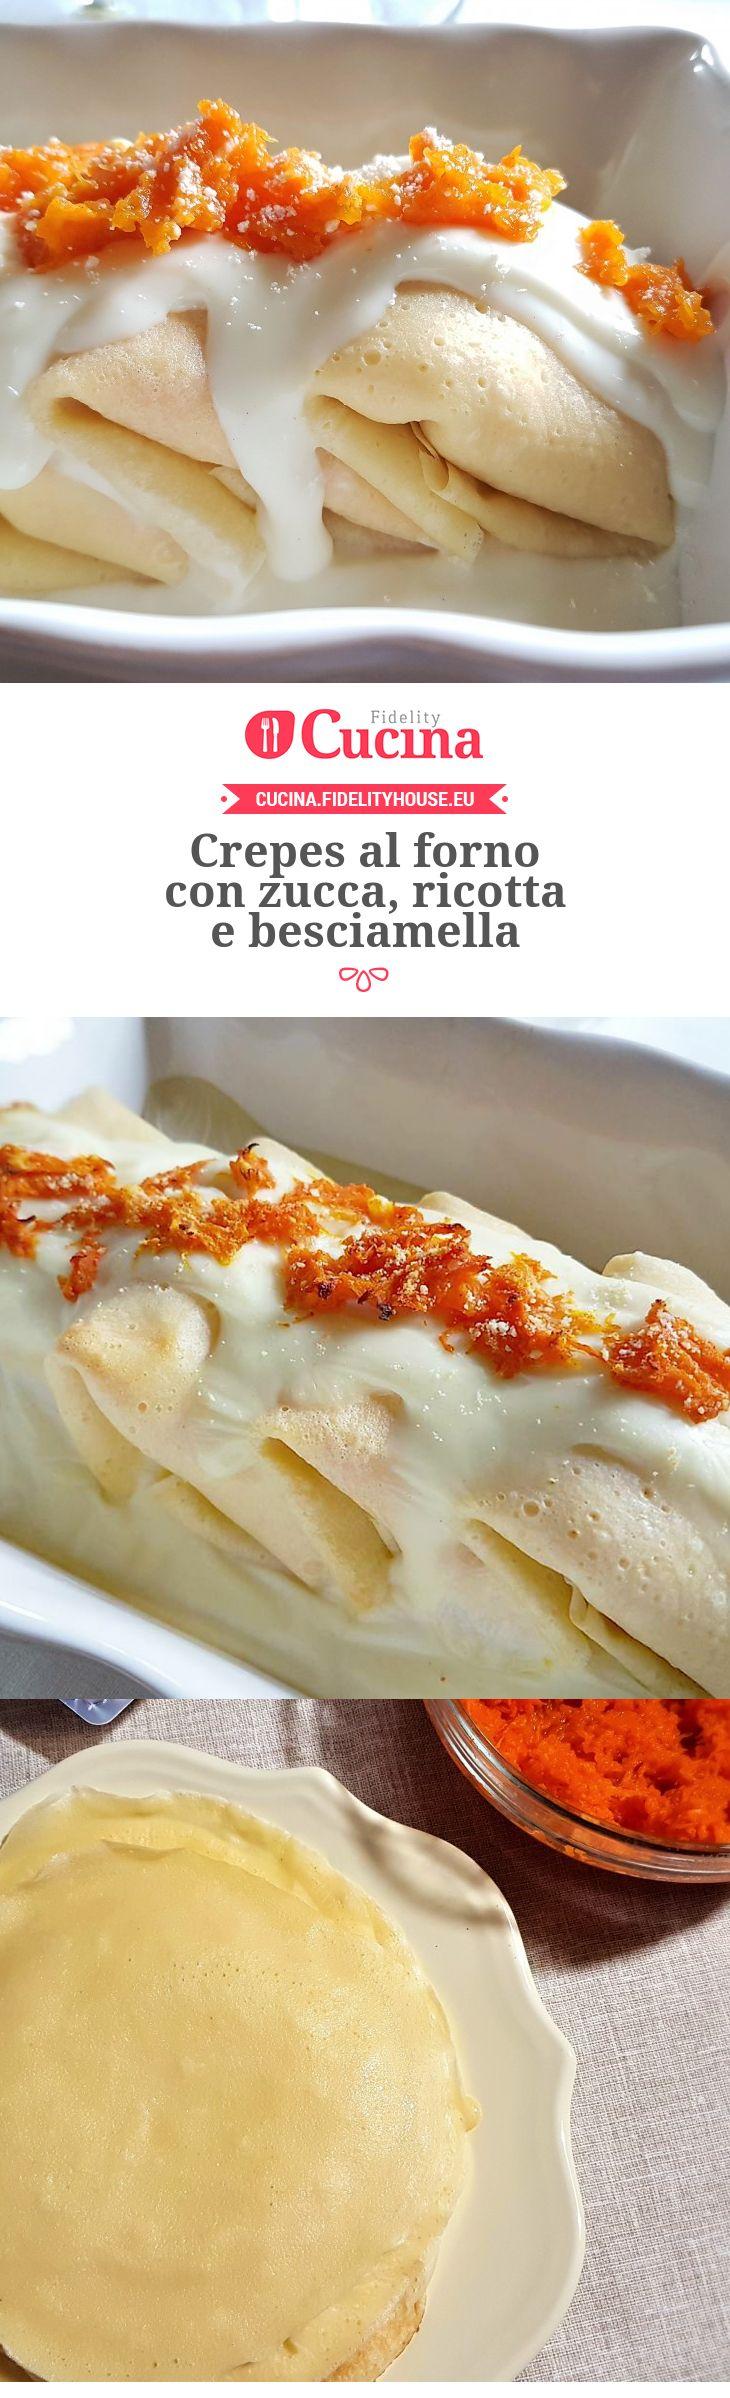 Crepes al forno con zucca, ricotta e besciamella della nostra utente Grazia. Unisciti alla nostra Community ed invia le tue ricette!